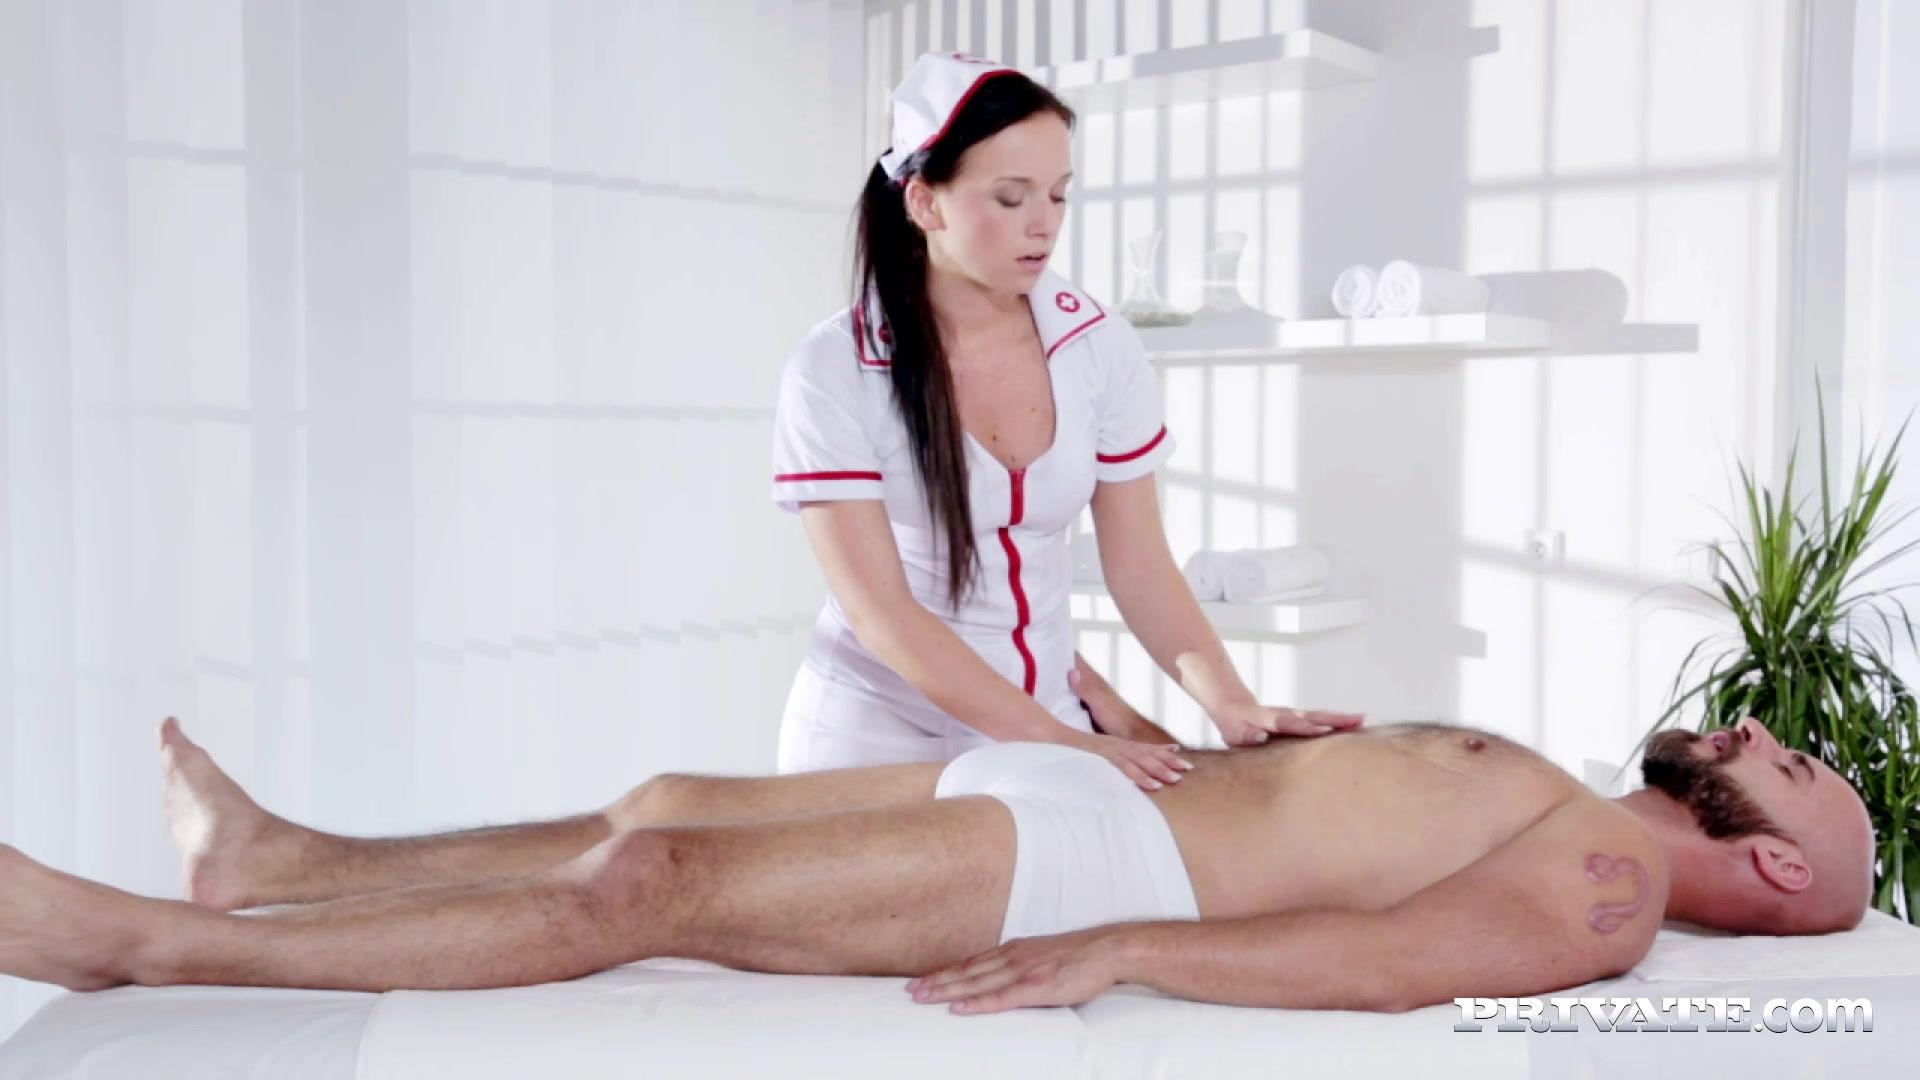 Классный отсос медсестры в хорошем качестве 720 фотоография